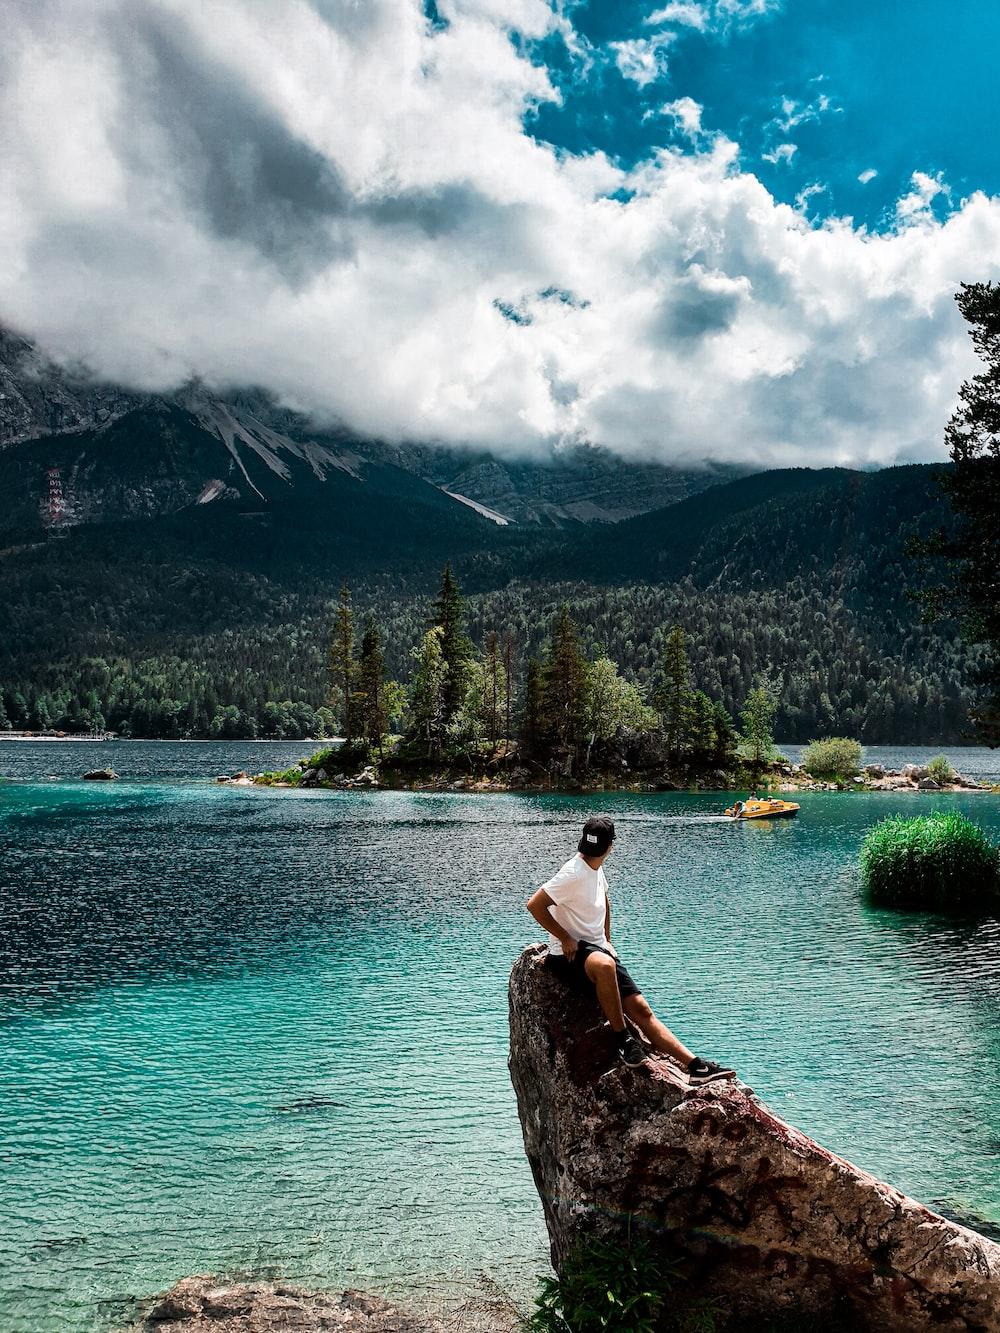 woman in white tank top sitting on rock near lake during daytime